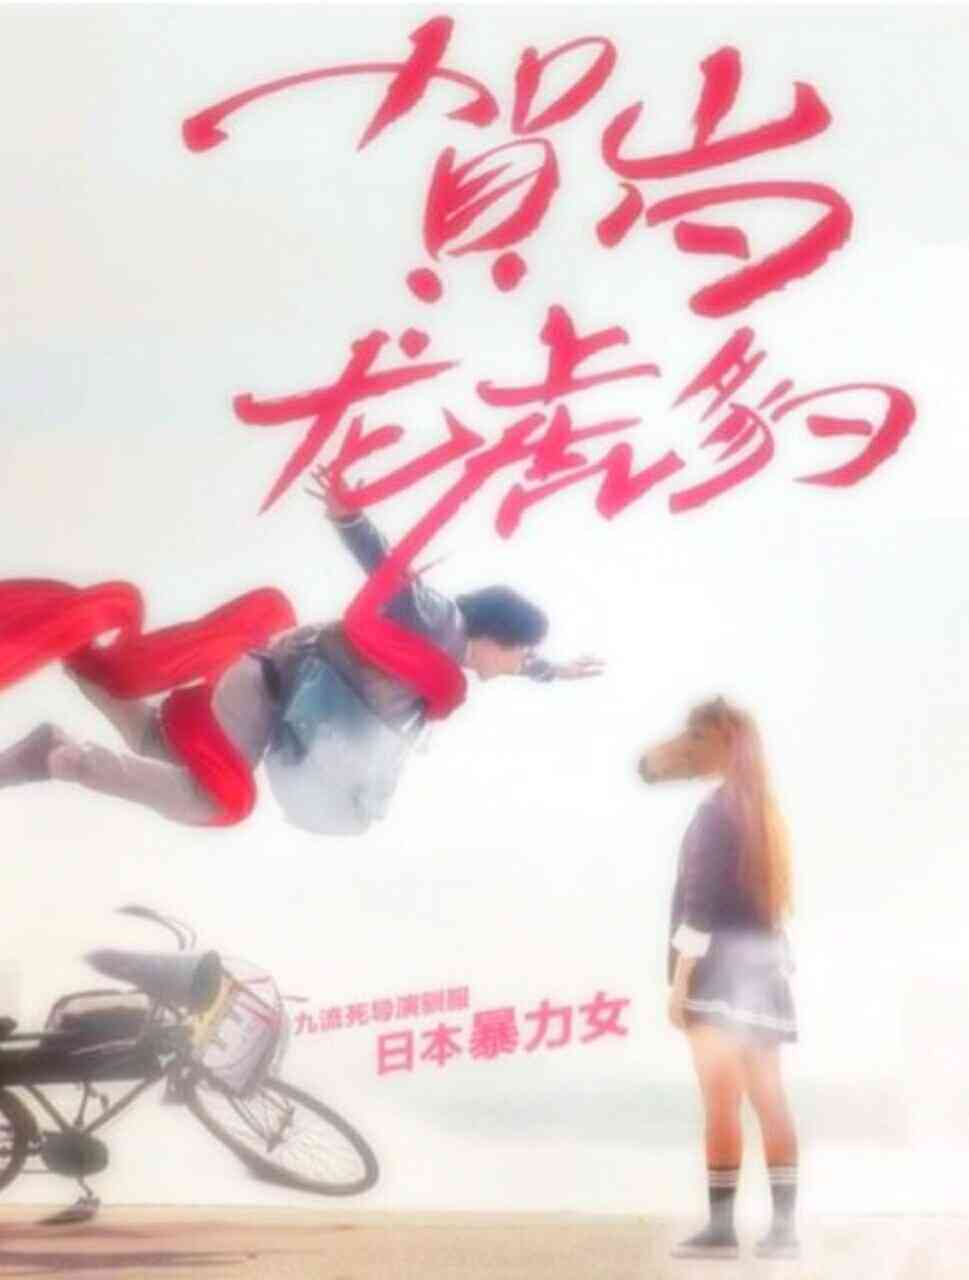 ざわちん、ヒロインを務めた中国映画が配信No.1獲得「ひゃー嬉しすぎるぅ」